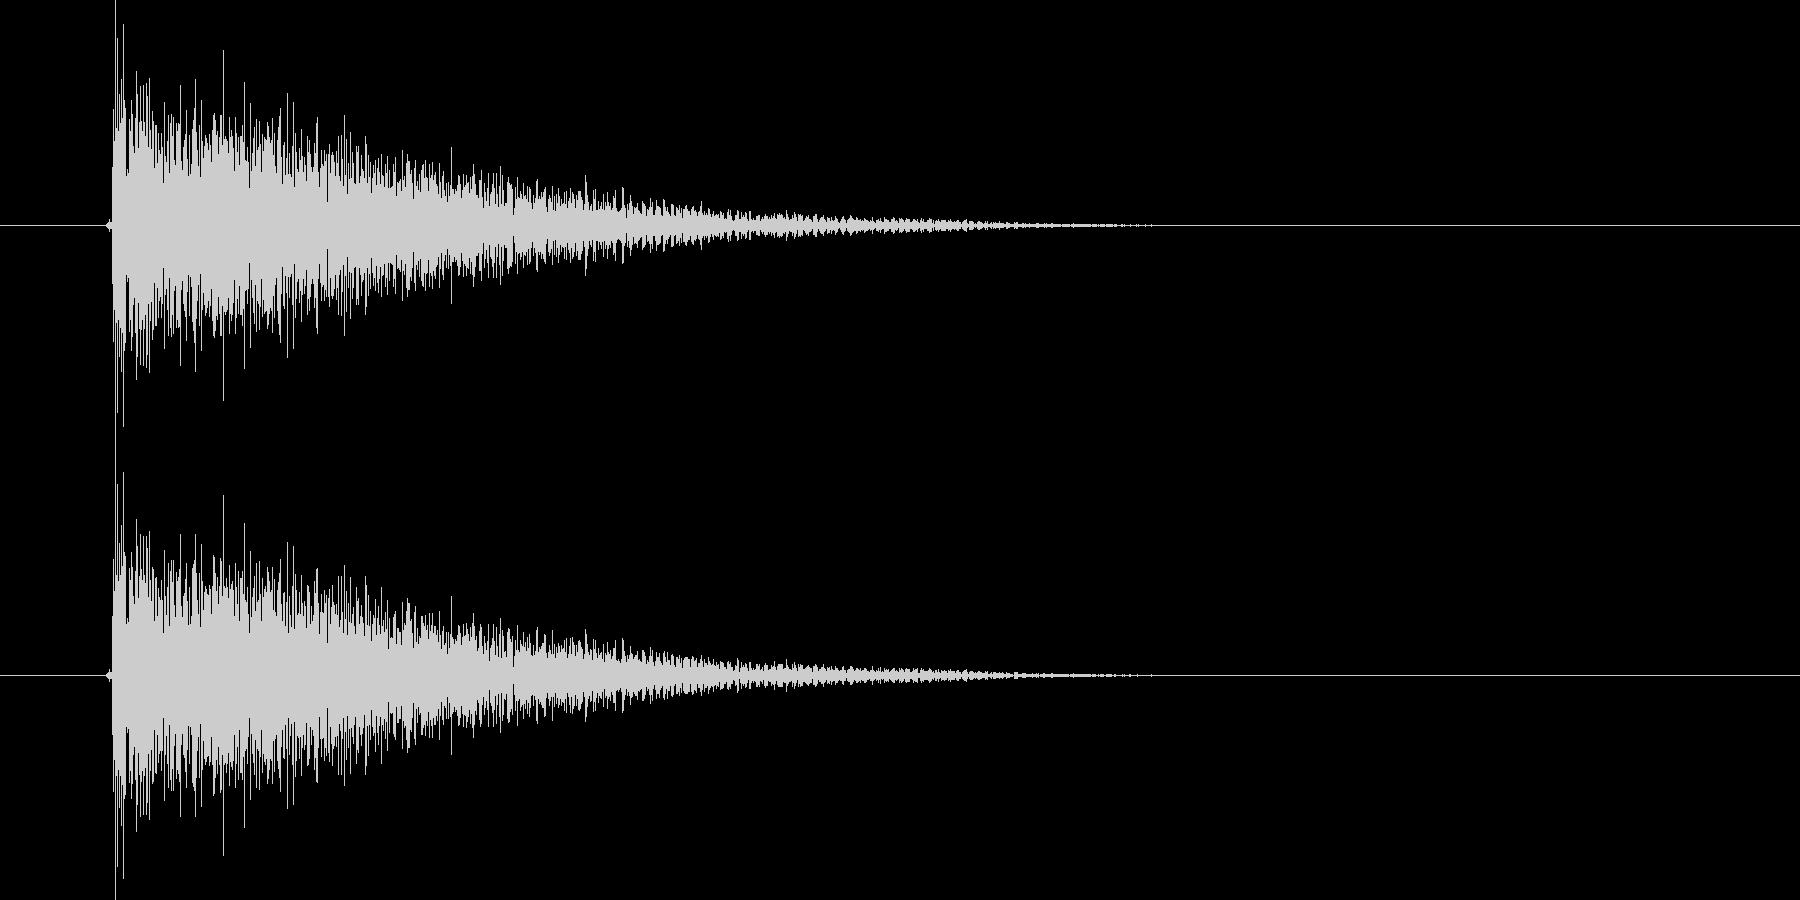 ダダーン!(迫力のある出題音)の未再生の波形